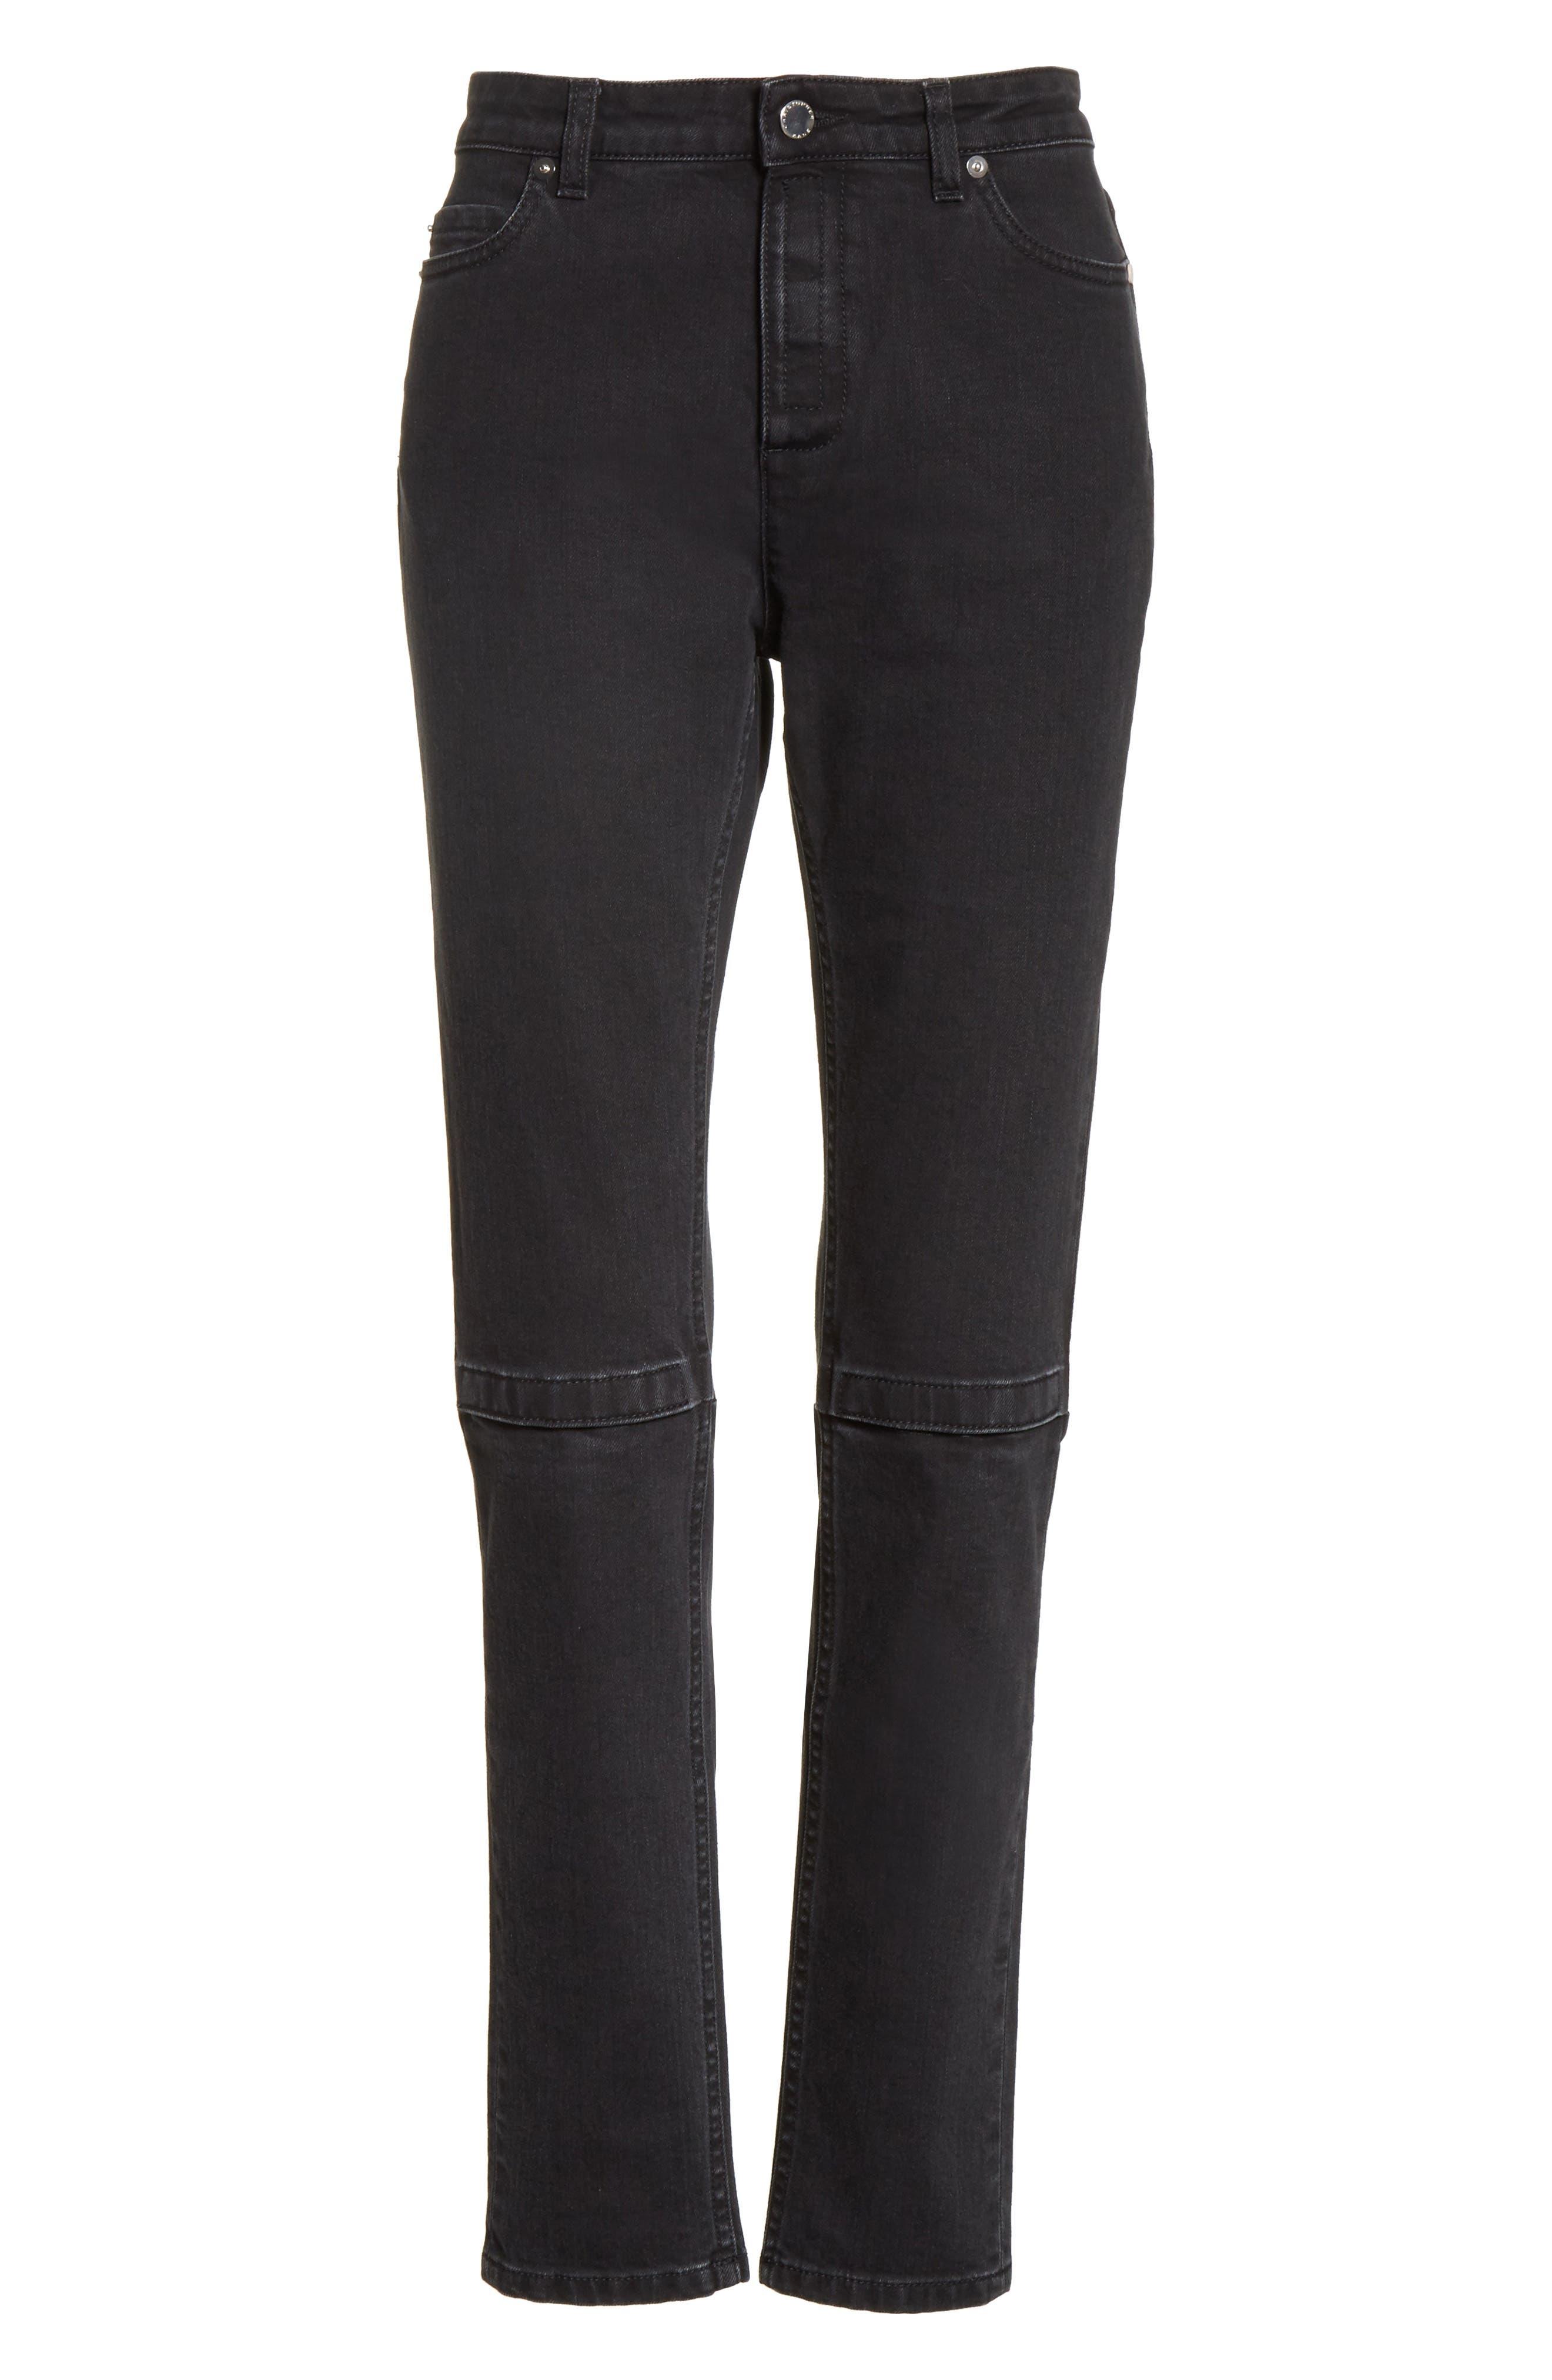 Hook & Loop Fly Skinny Jeans,                             Alternate thumbnail 6, color,                             001